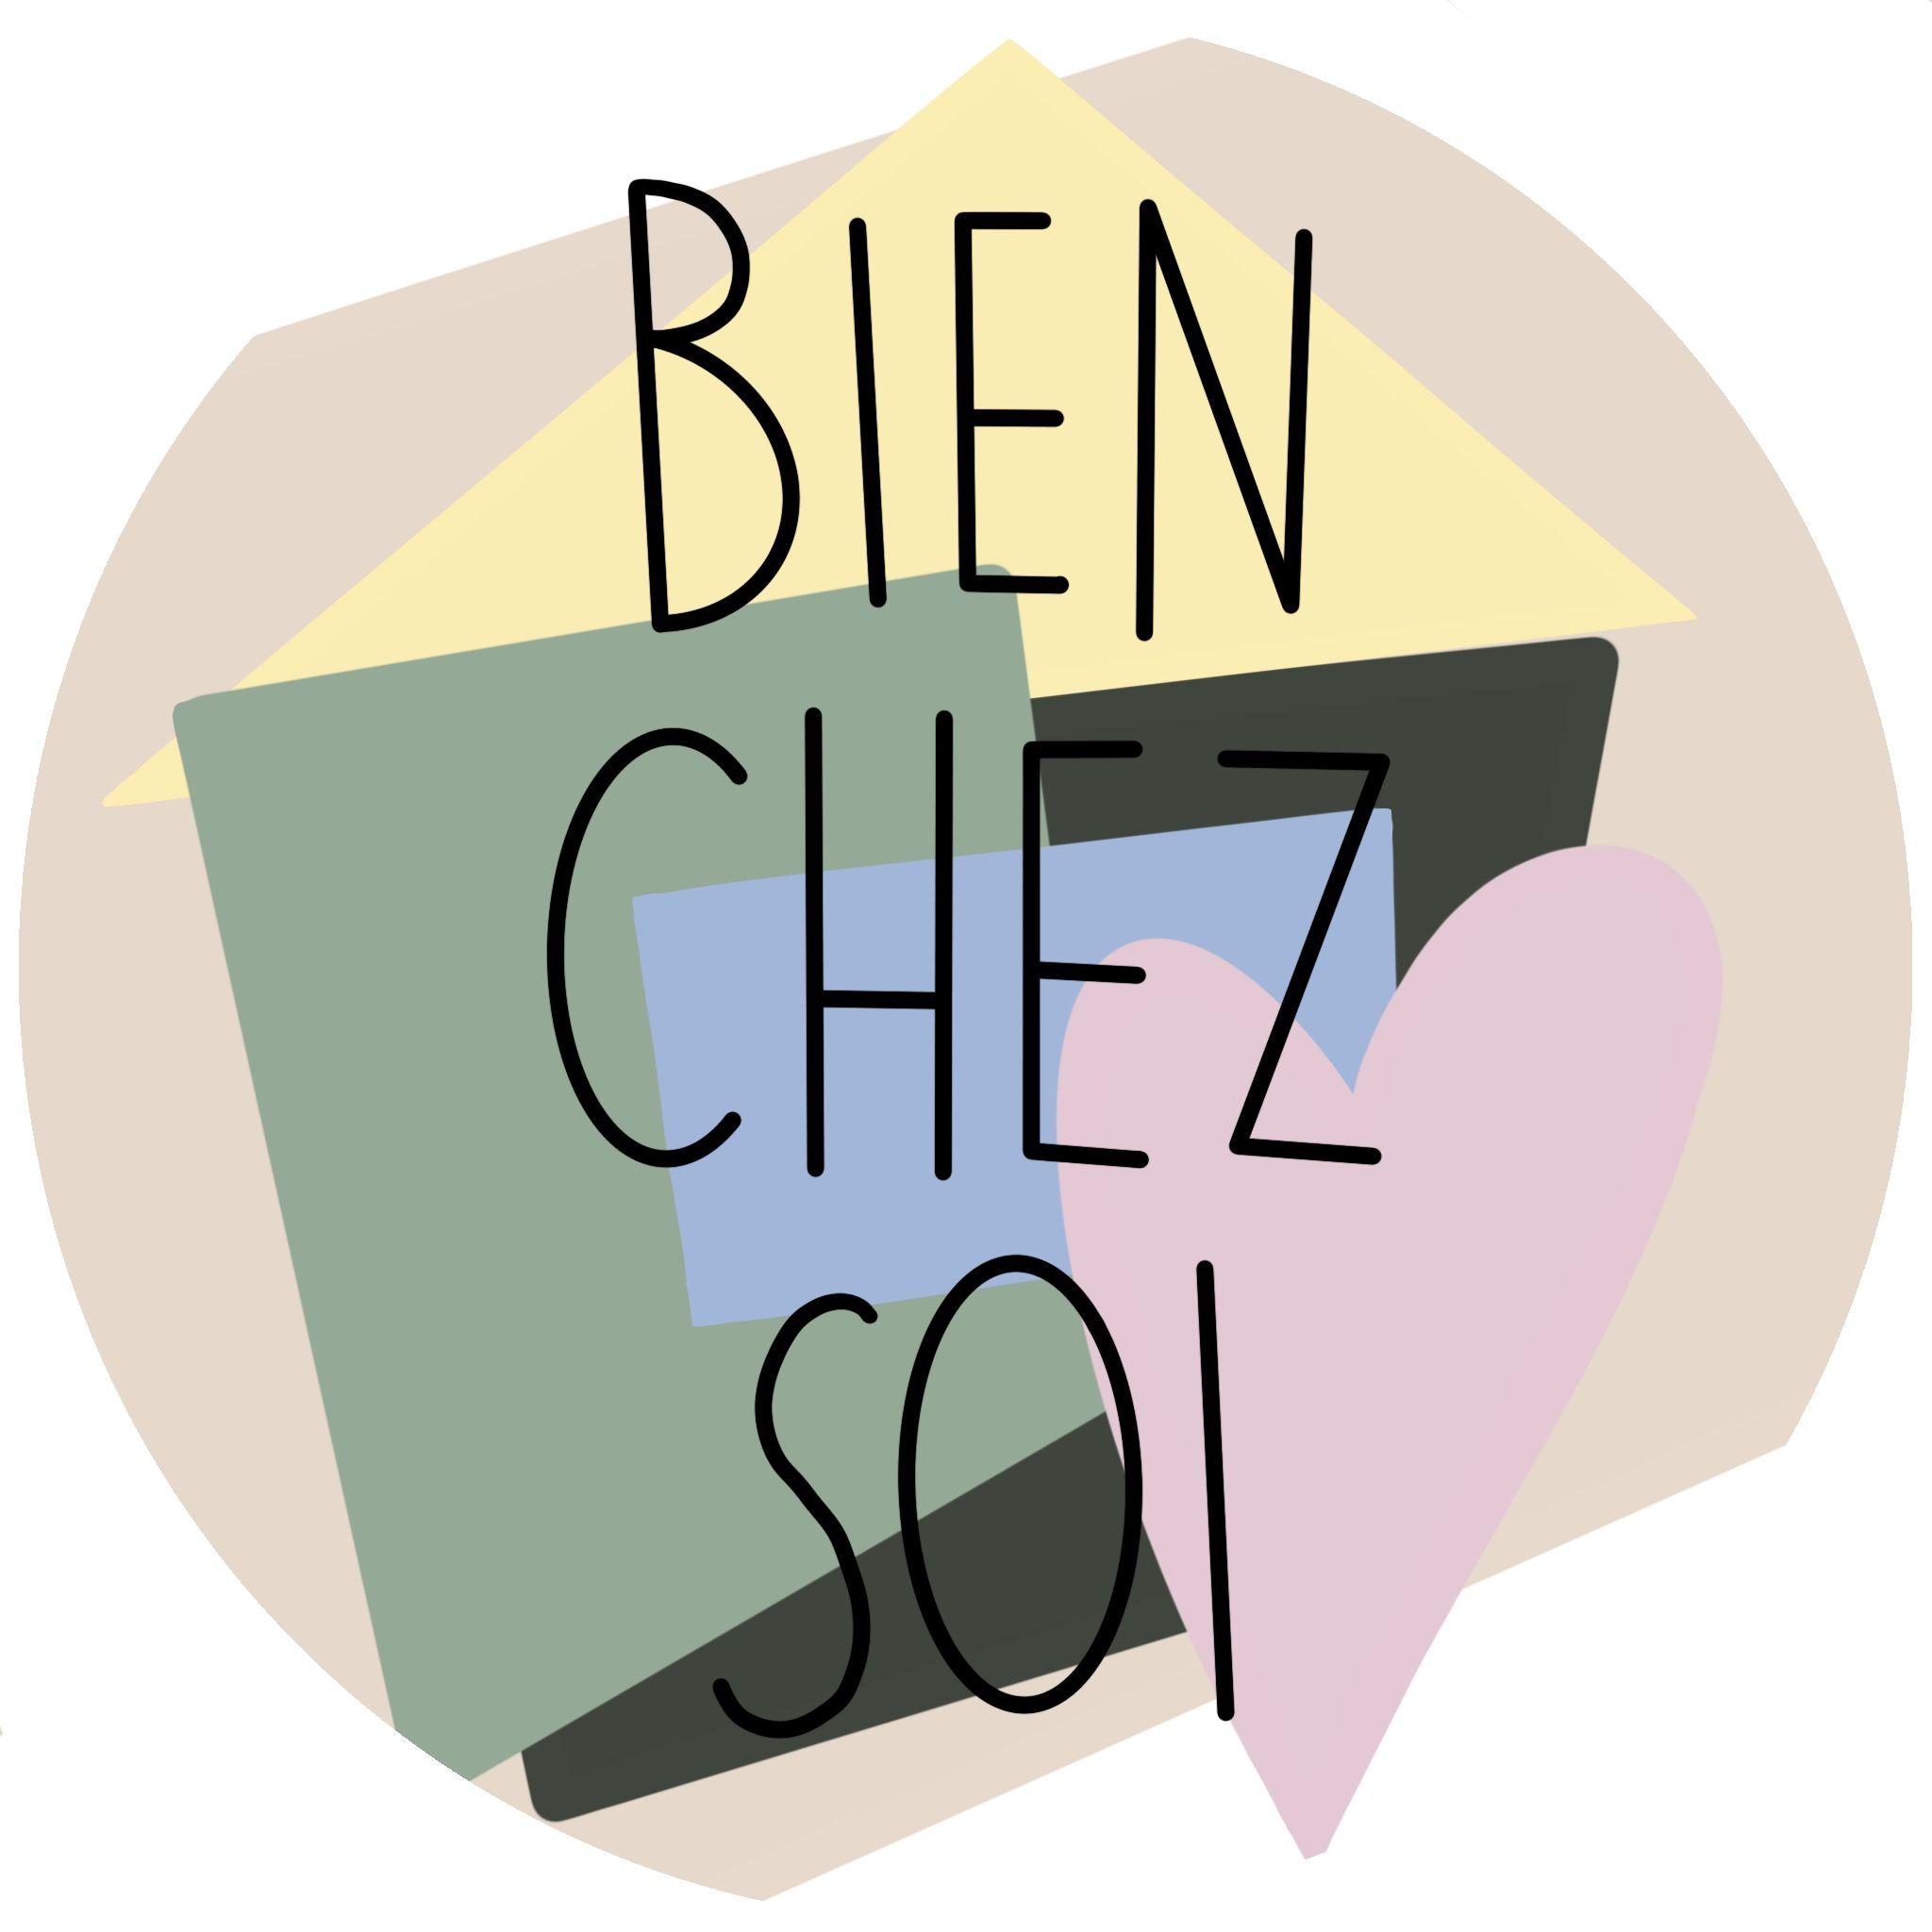 L'annonce de lancement de mon podcast BIEN CHEZ SOI est dispo sur Spotify ! 💥 Si tu aimes cet épisode, partage-le et abonne-toi ! Comme ça tu m'aideras à le faire grandir 😊 #chezviviane #chezvivianefr #bienchezsoi #fengshui #chezvivianepodcast #bienchezsoipodcast #decouvrirlefengshui #decouvrir #episode #premierepisode #podcastdeco #deco #decoration #maison #astuce